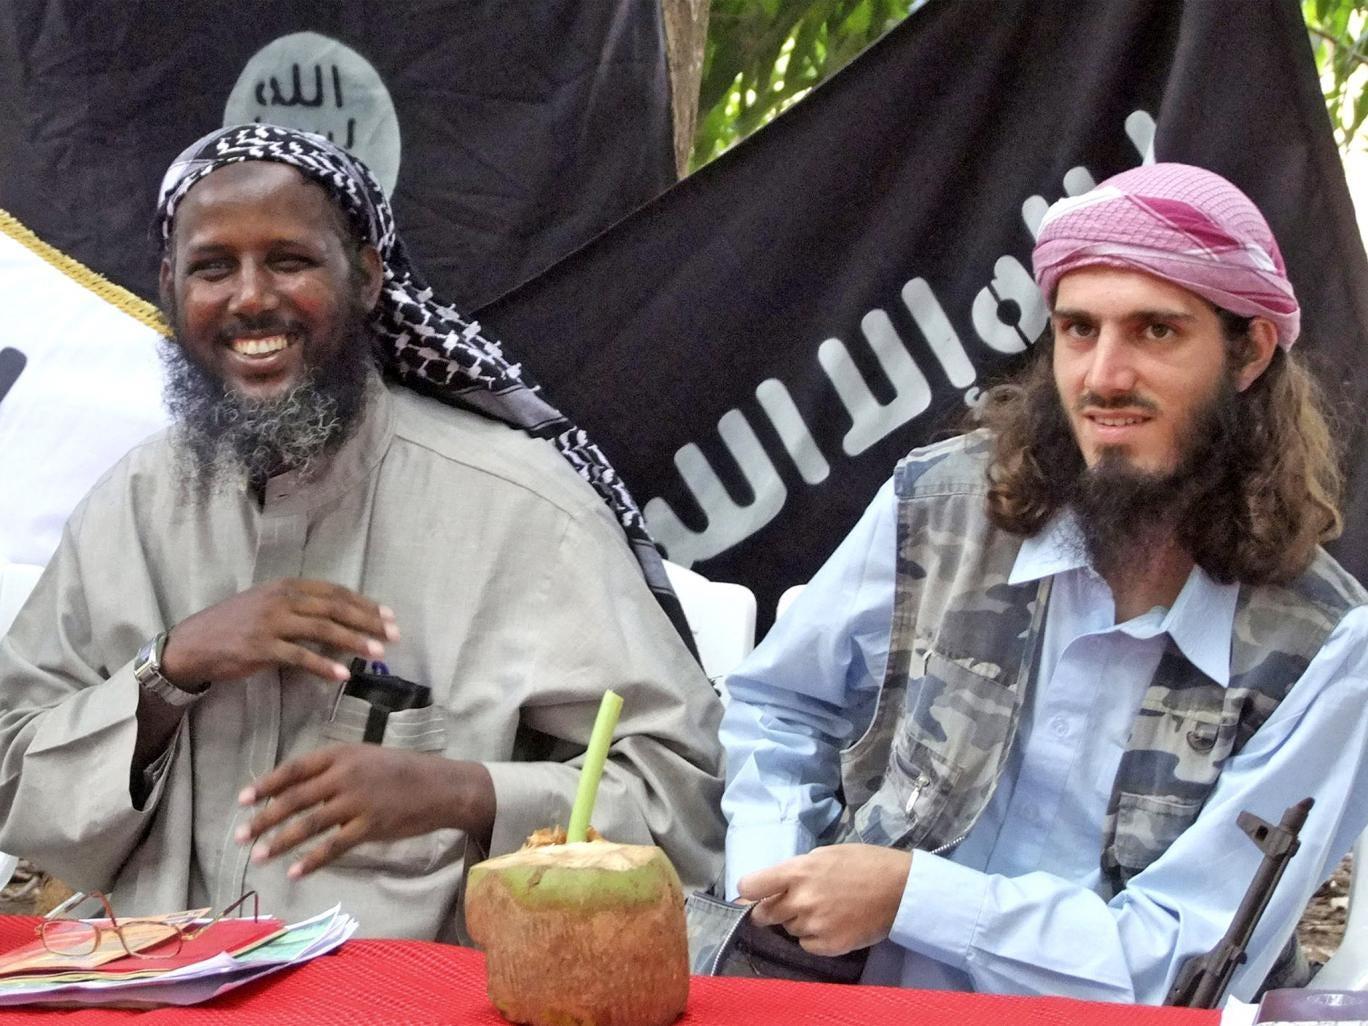 Al-Shabaab's deputy, Sheik Mukhtar Robow, and Omar Hammami